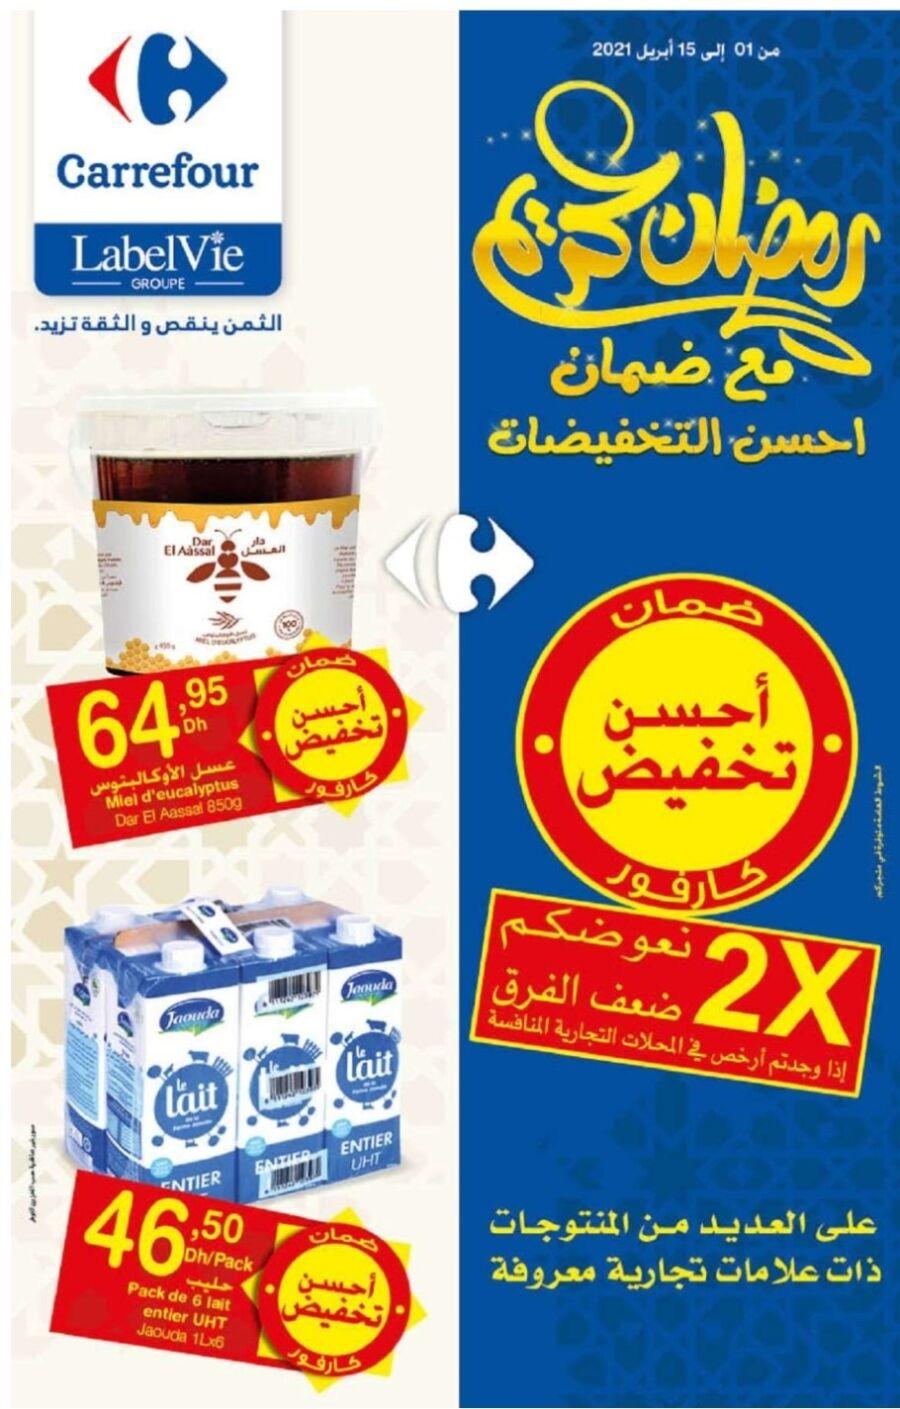 Catalogue Carrefour Maroc Spécial رمضان كريم du 1 au 15 Avril 2021